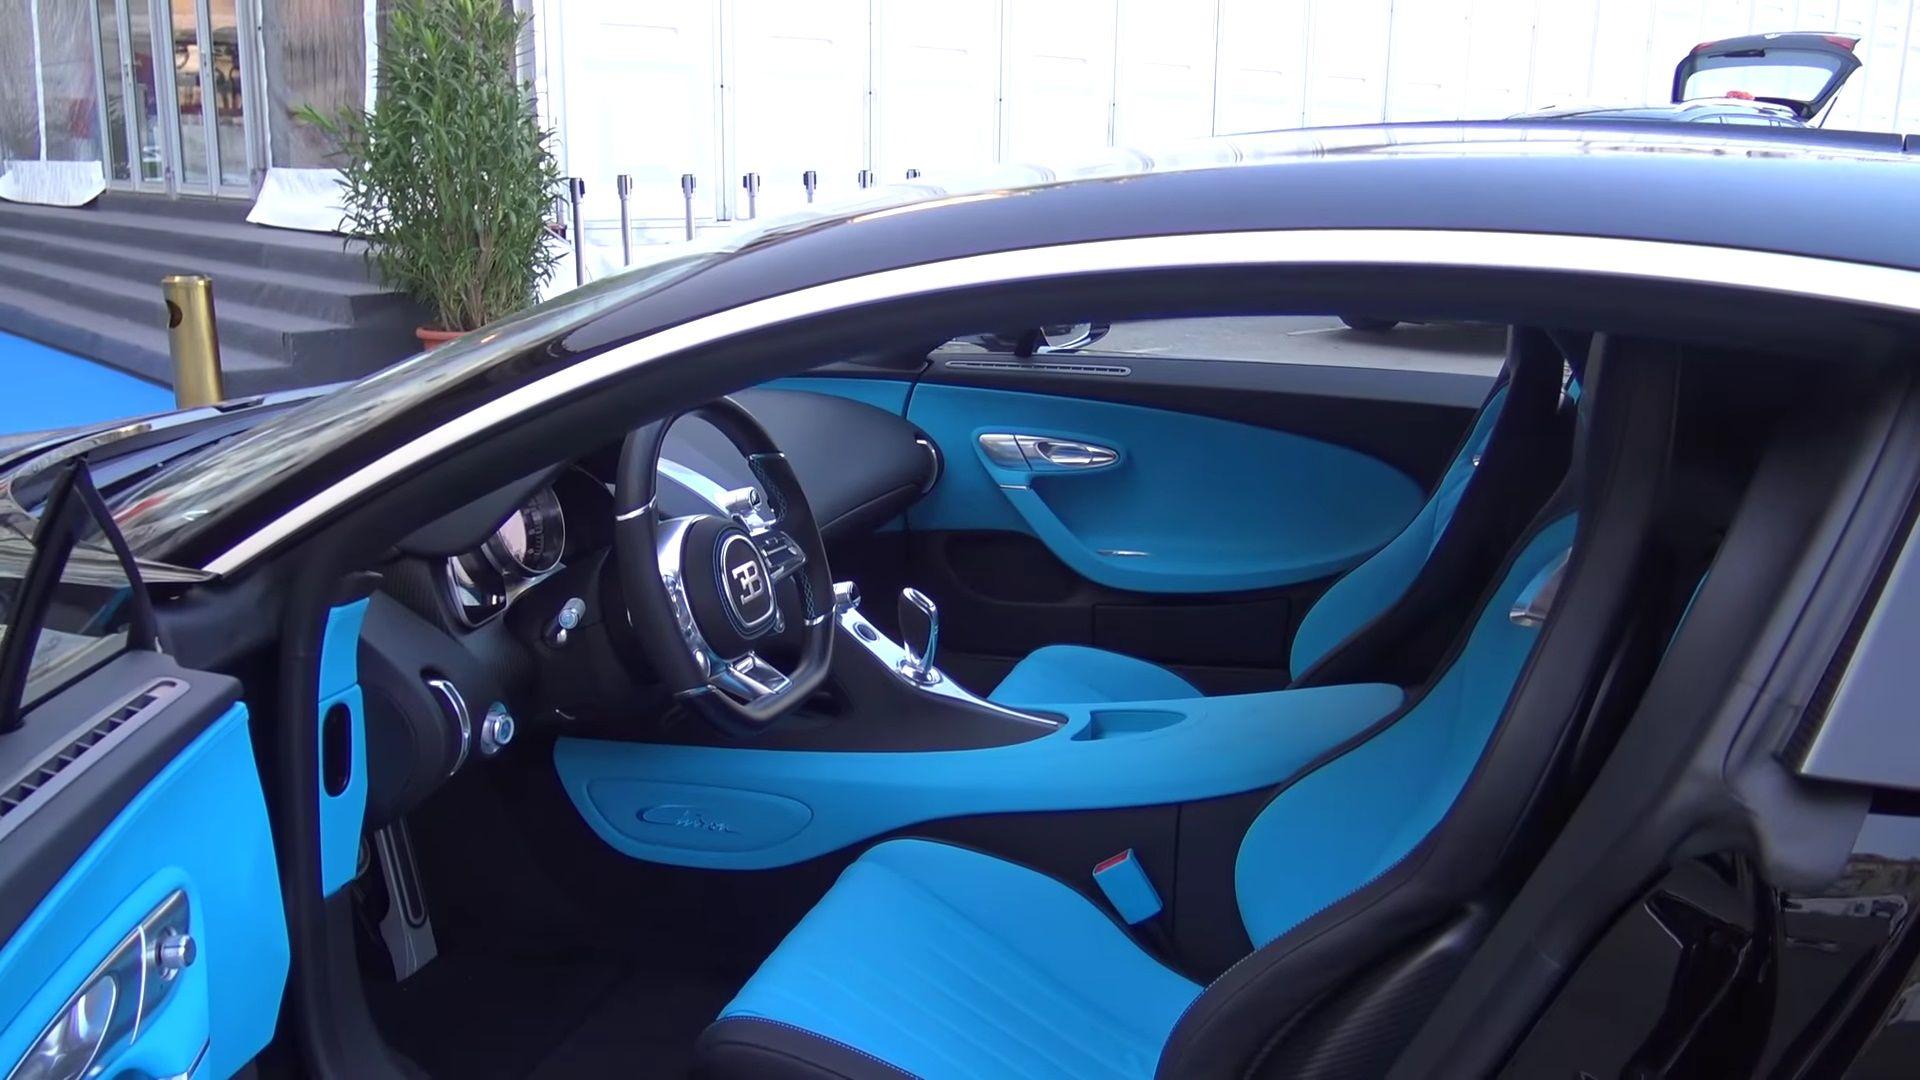 bugatti chiron blue interior recherche google cars pinterest interiors blue and search. Black Bedroom Furniture Sets. Home Design Ideas